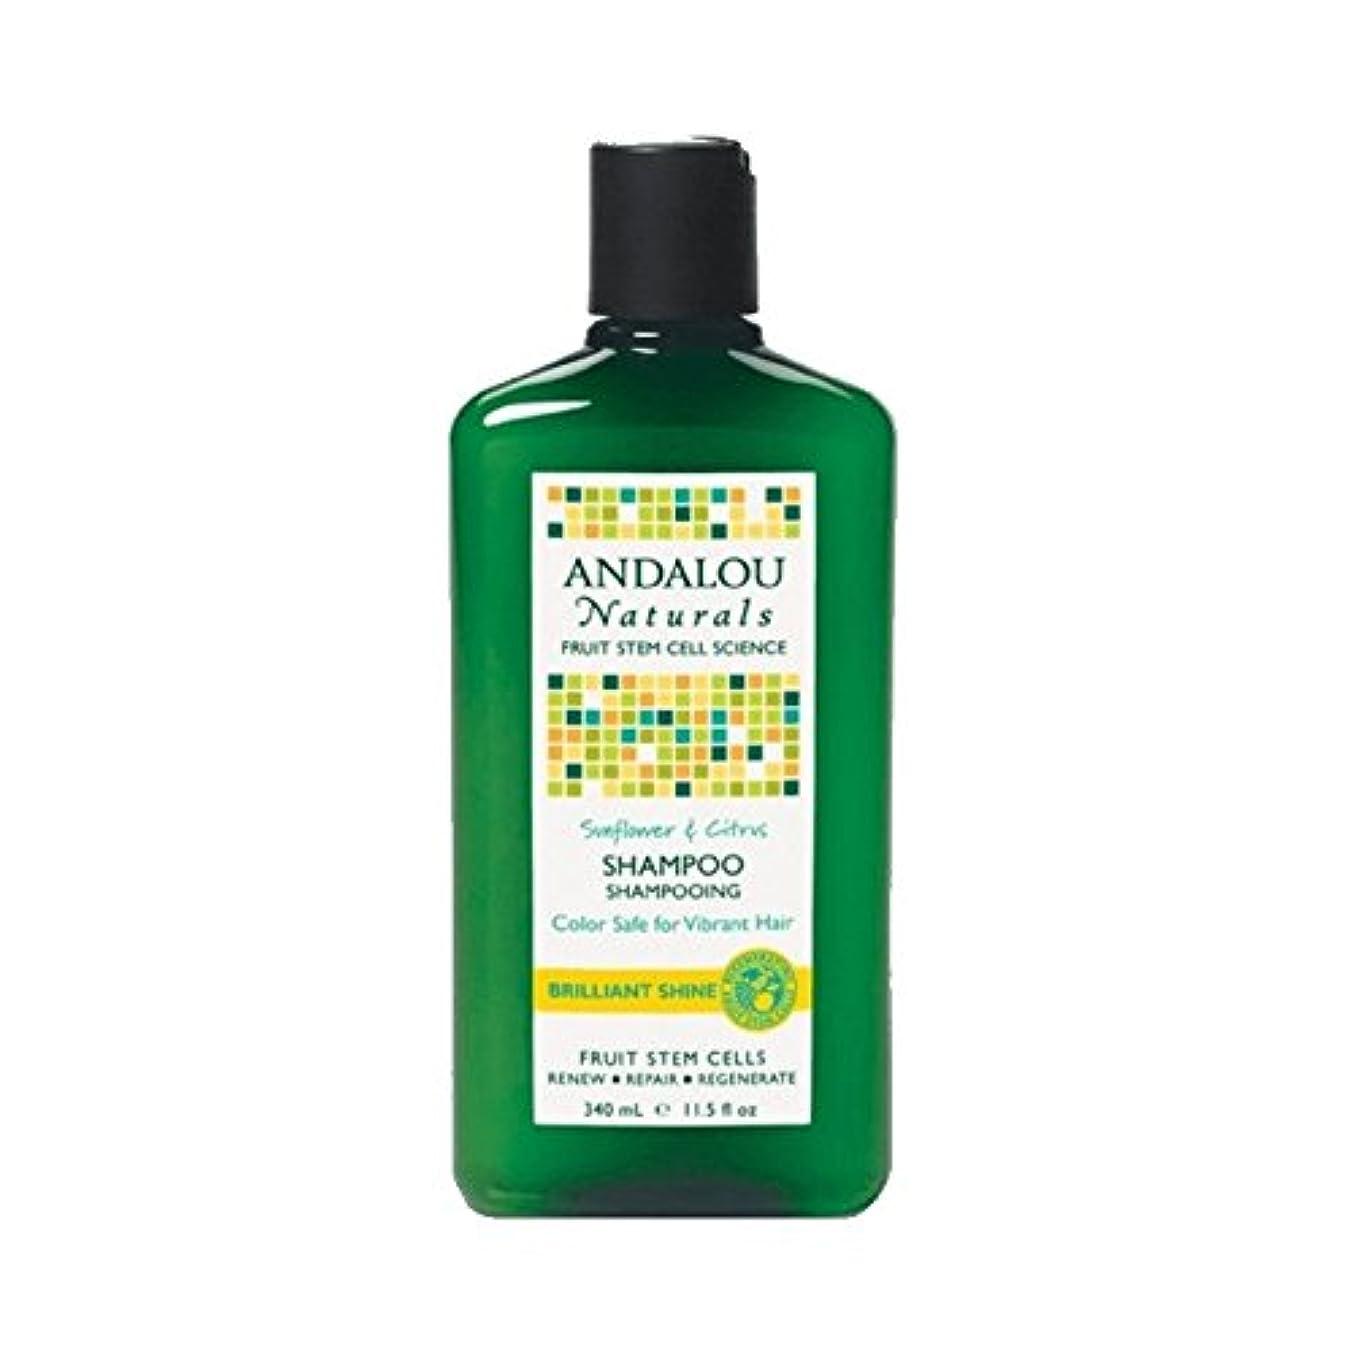 公園入り口禁止するAndalou Sunflower & Citrus Brilliant Shine Shampoo 340ml (Pack of 6) - アンダロウひまわり&シトラス鮮やかな輝きシャンプー340ミリリットル (x6) [並行輸入品]